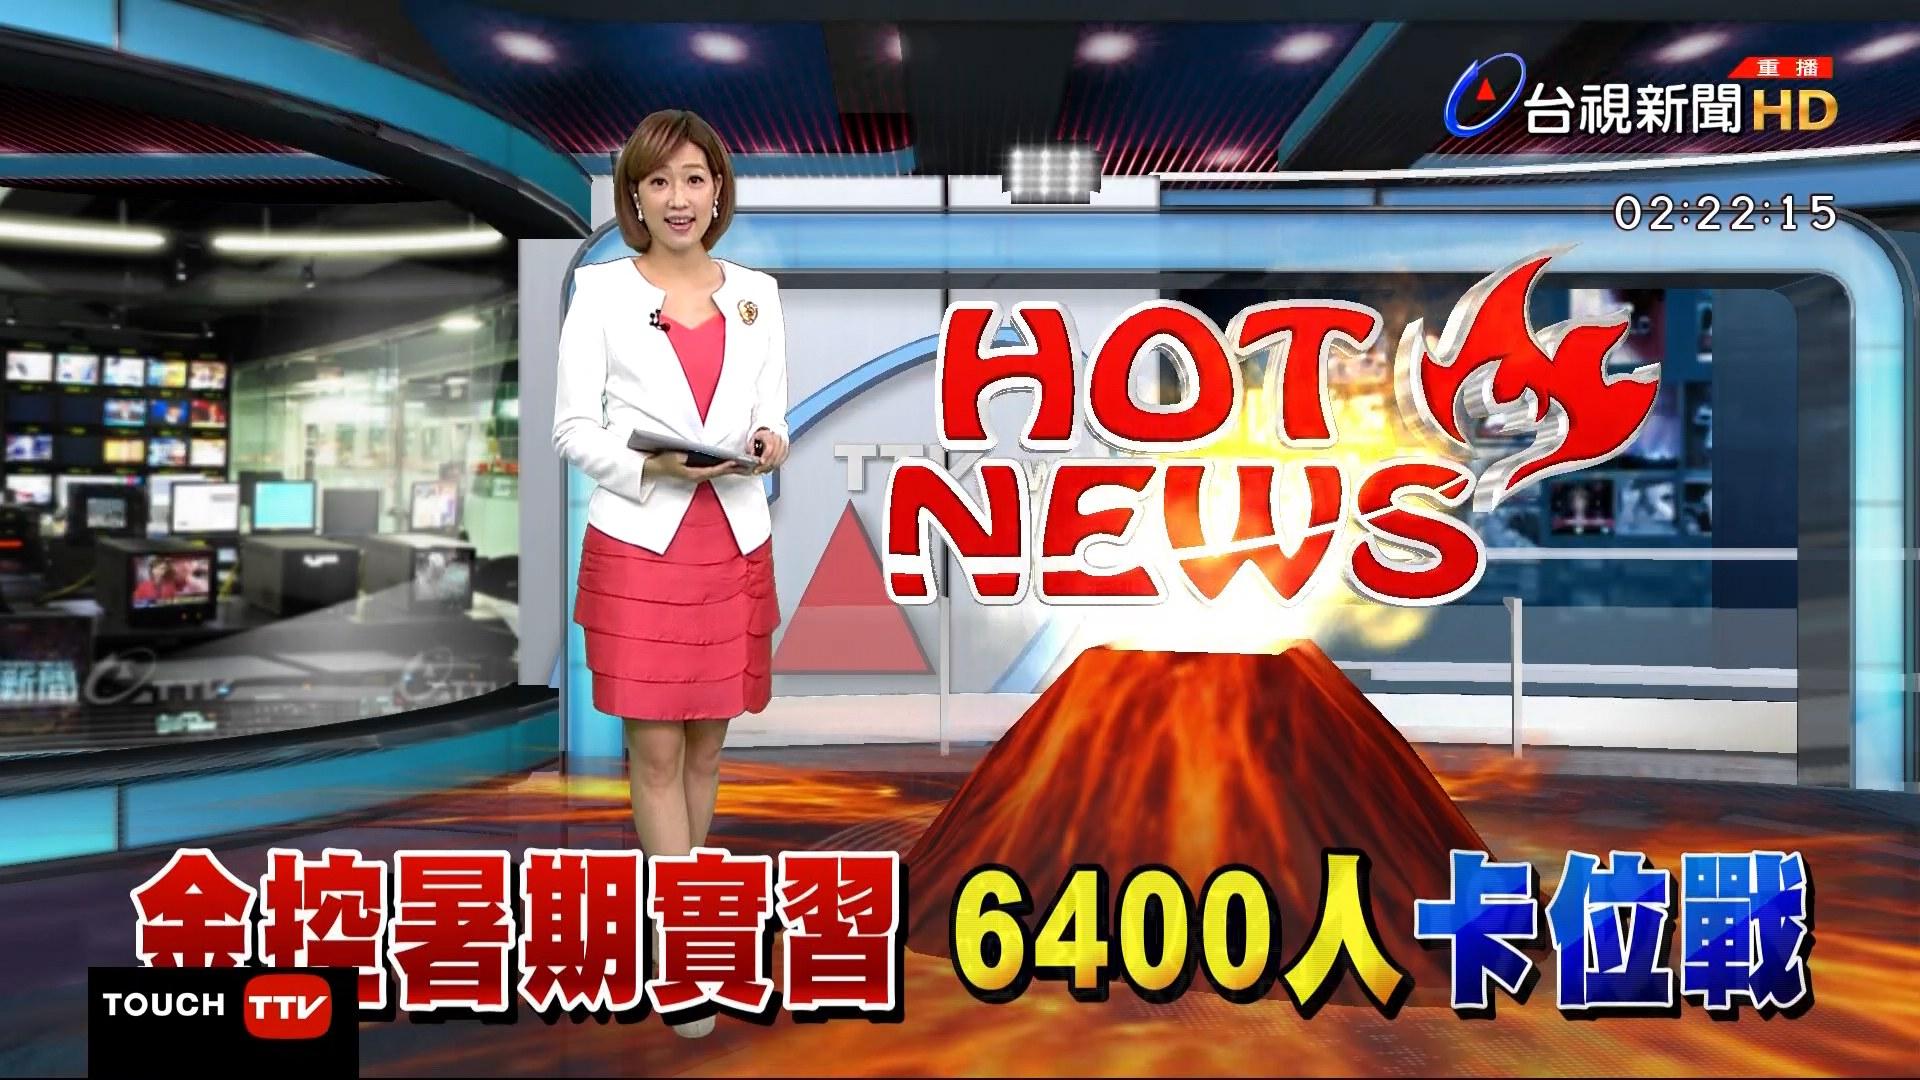 原來生活是這樣: 2017.06.26 臺視主播 鄔凱雯 P2